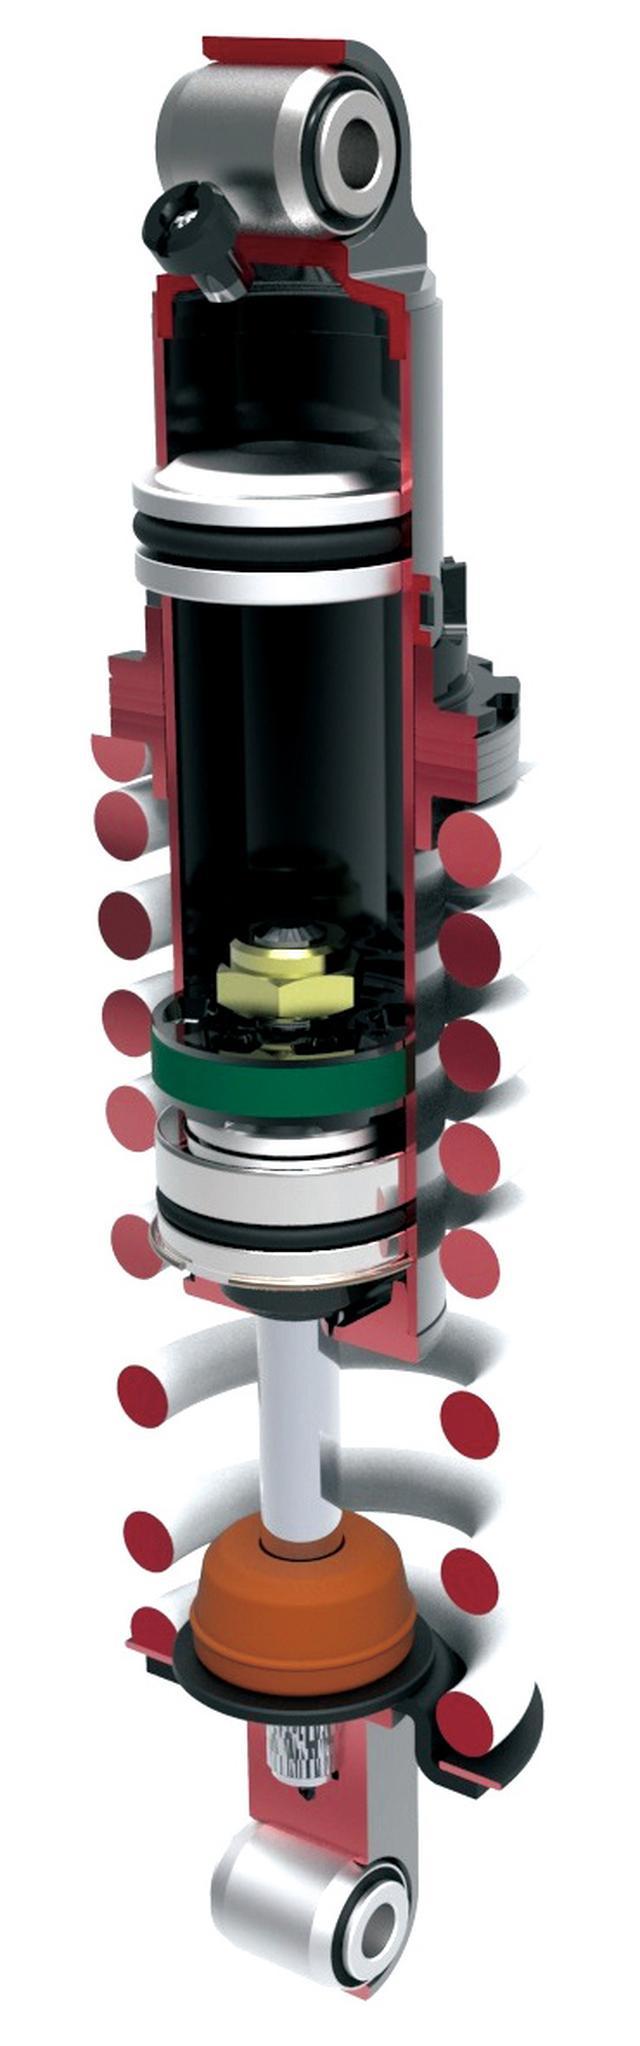 画像: Pre-load adjustable rear suspension is refined to work from low to high speed. www.autoby.jp